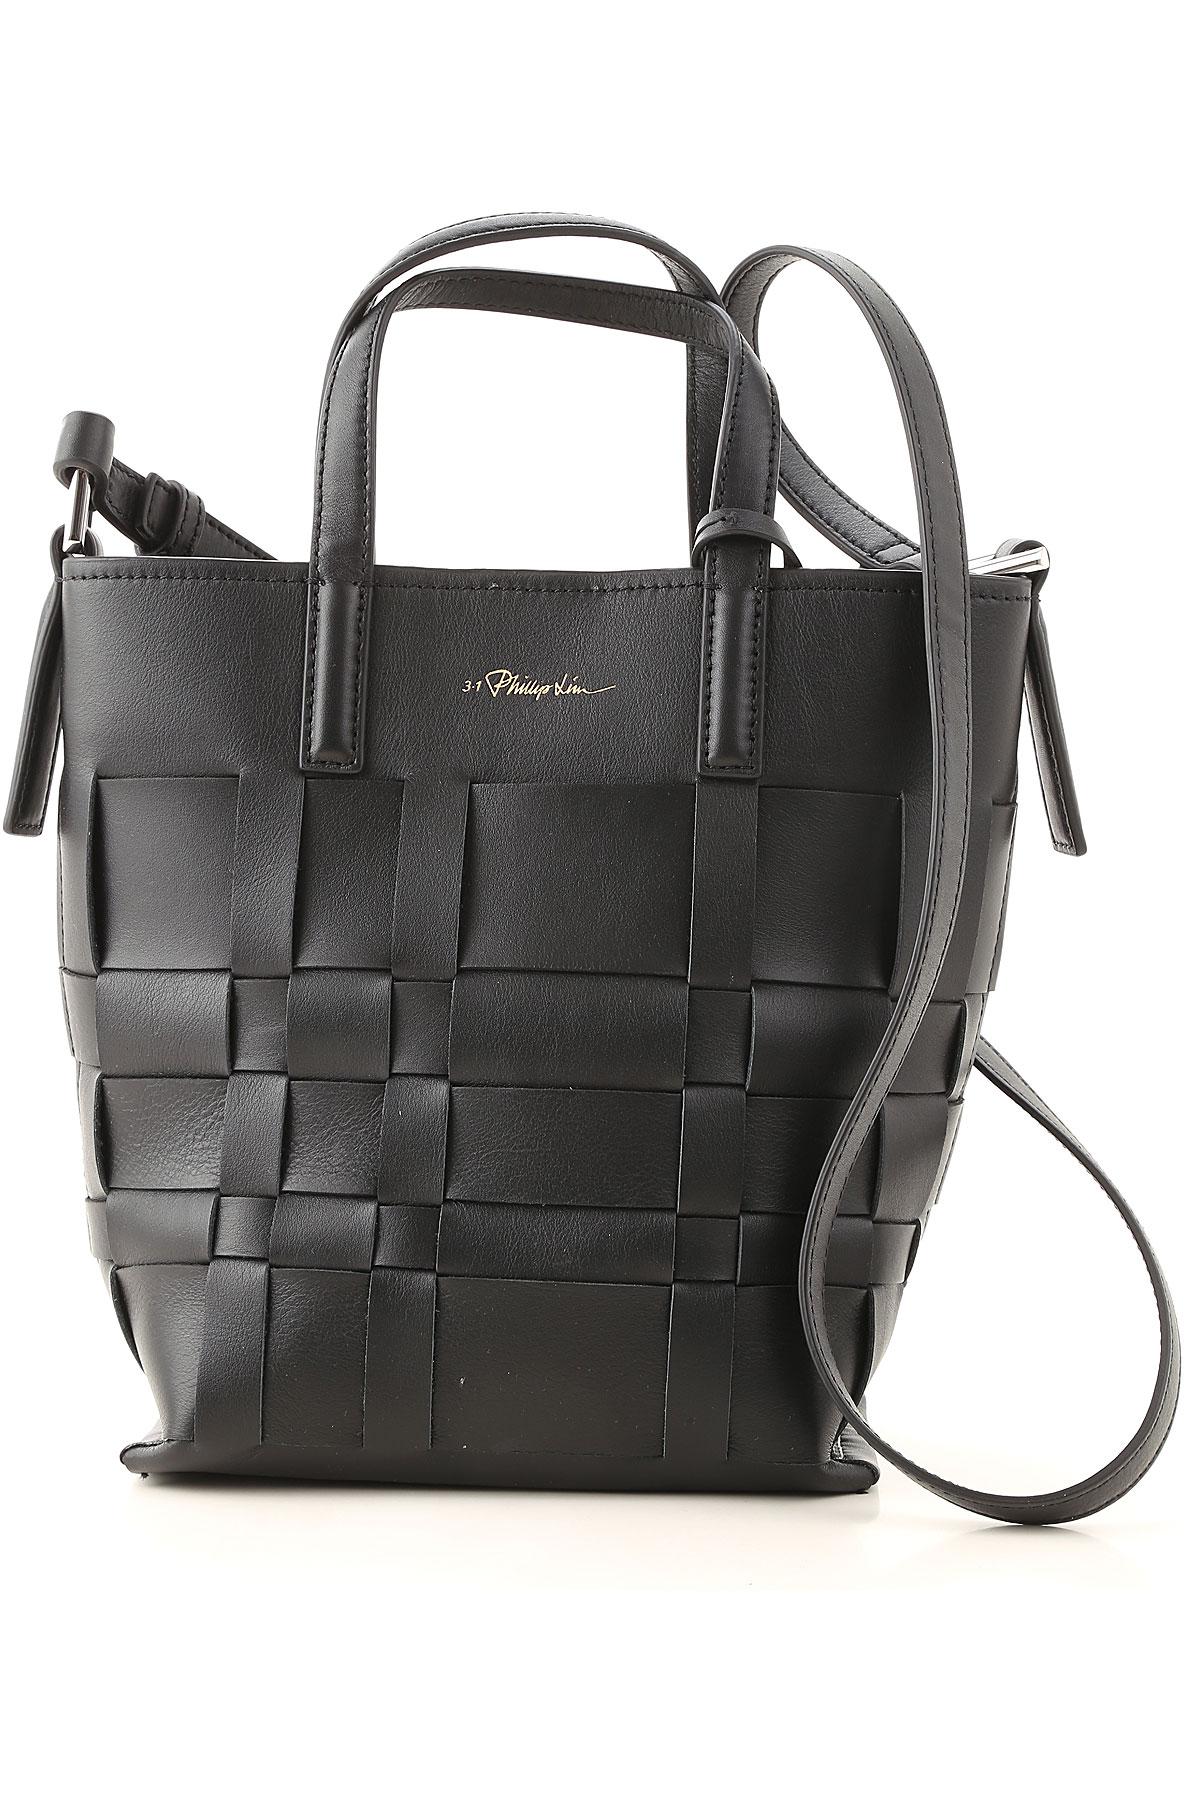 3.1 PHILLIP LIM Top Handle Handbag On Sale, Black, Leather, 2019